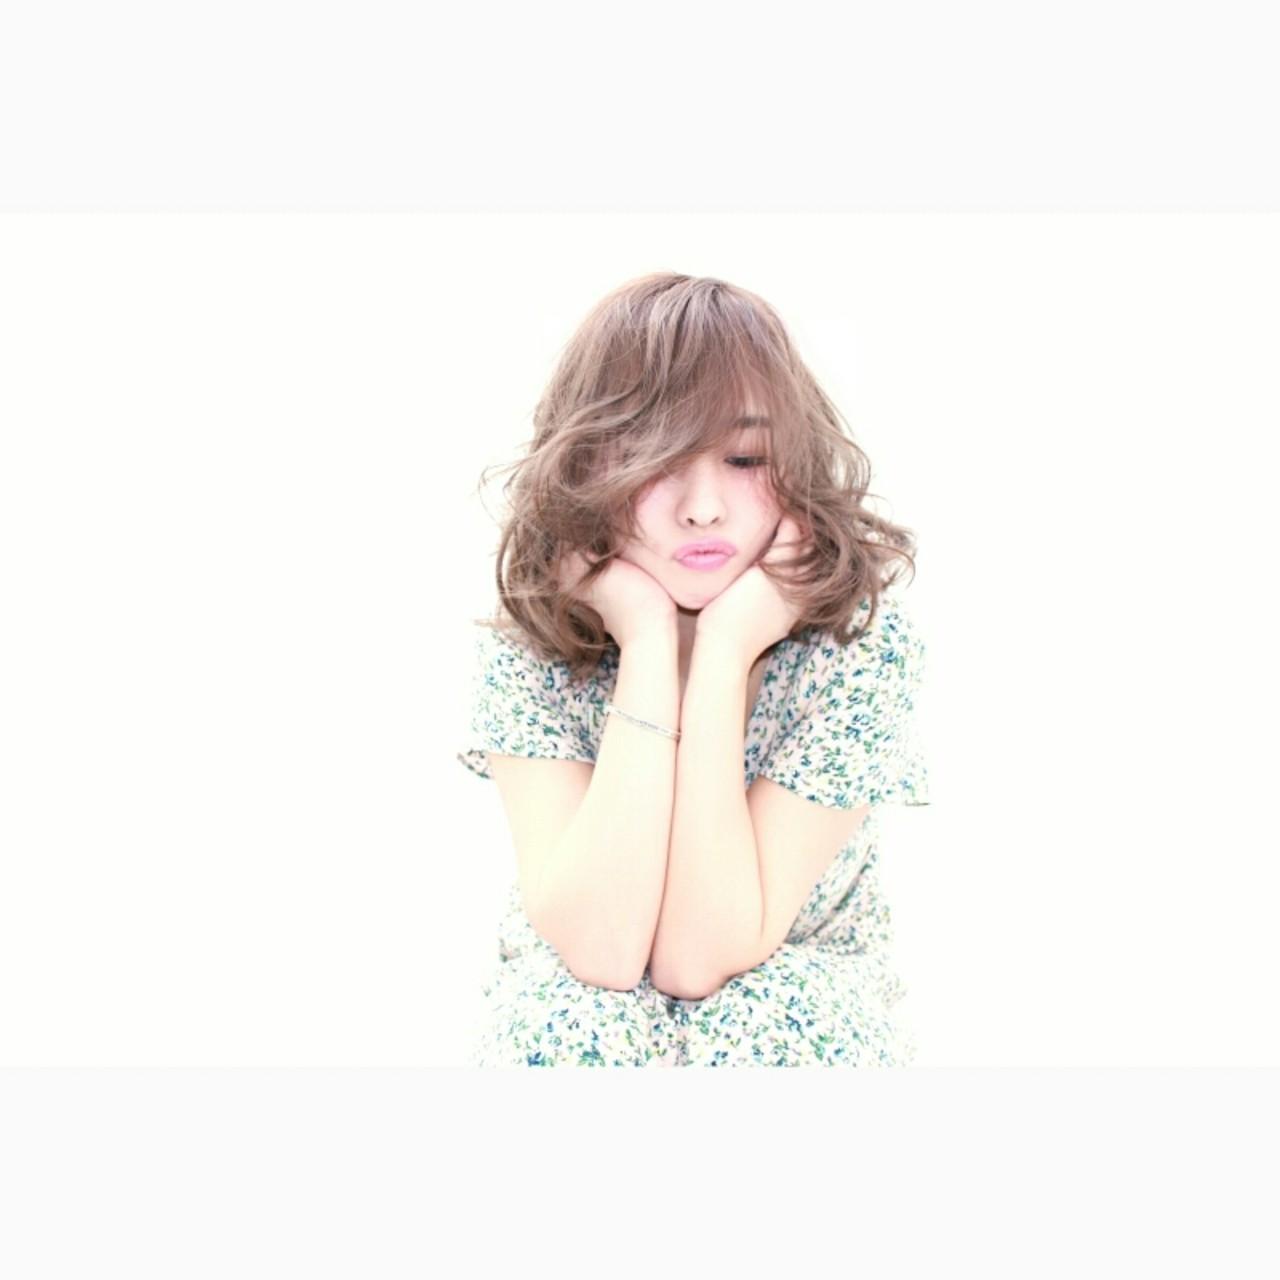 色気 ミディアム フェミニン ボブ ヘアスタイルや髪型の写真・画像 | 安井 昴 / Ash 大宮